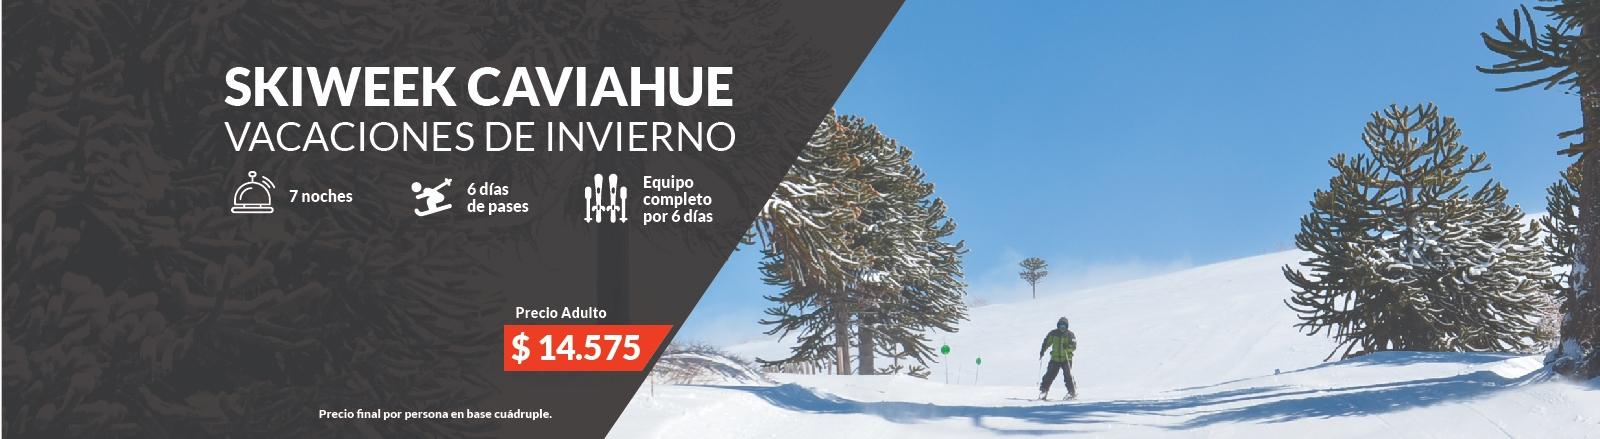 Ski week Caviahue